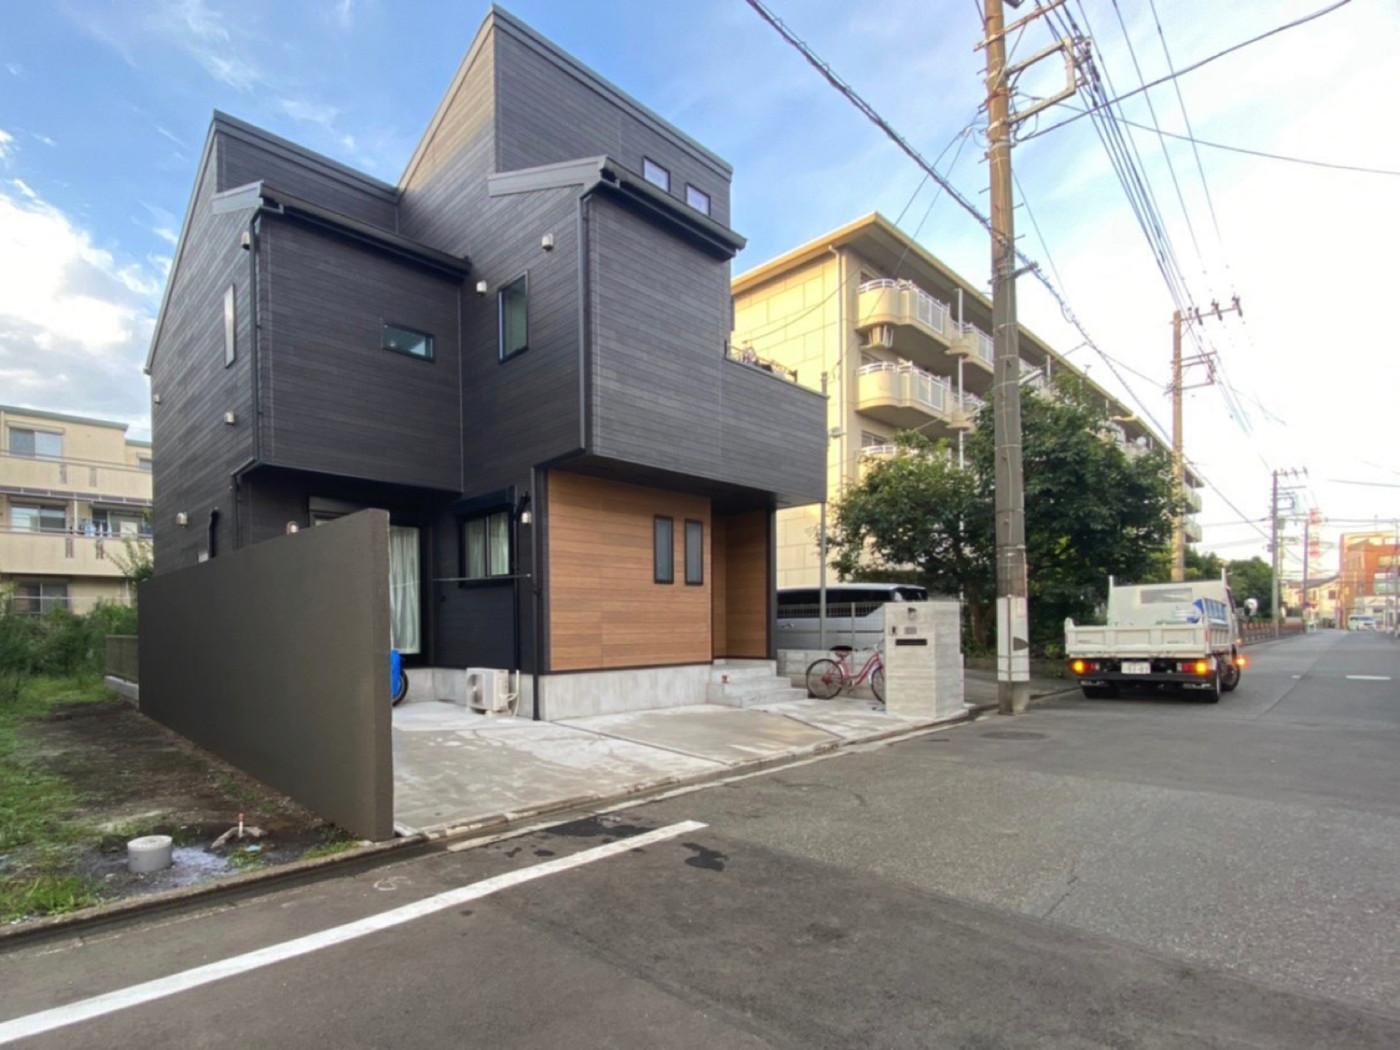 神奈川県 株式会社 琴美建設 グランドアートウォール施工イメージ3494_03